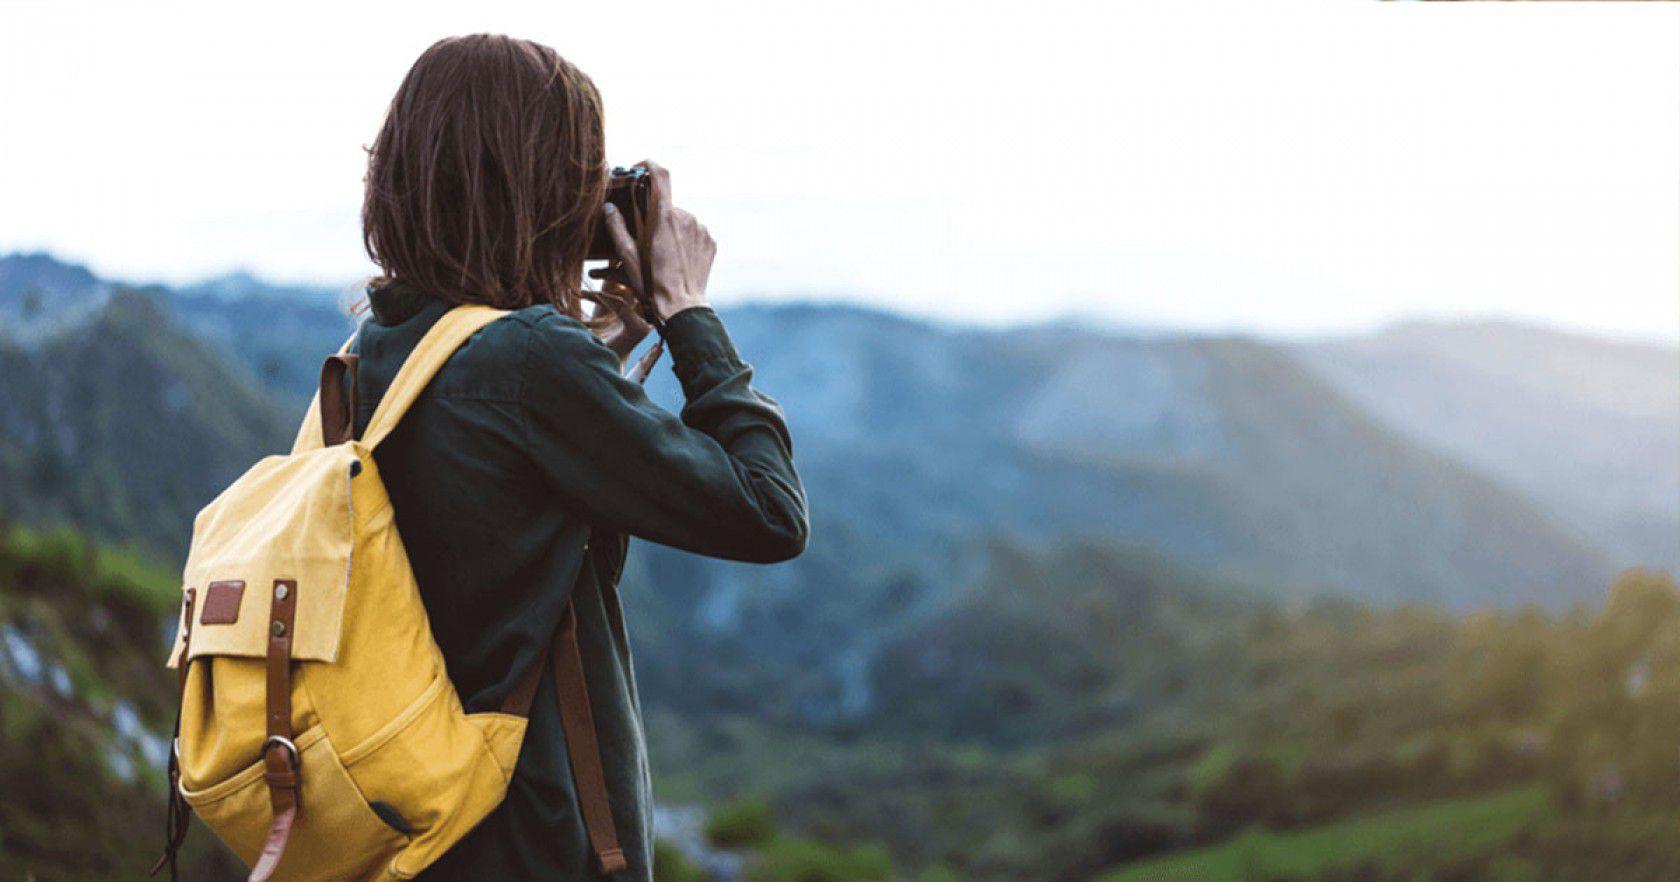 İsviçre'de Öğrenci Yaşam Masrafları Nelerdir? Ne Kadar Ayırmalı?